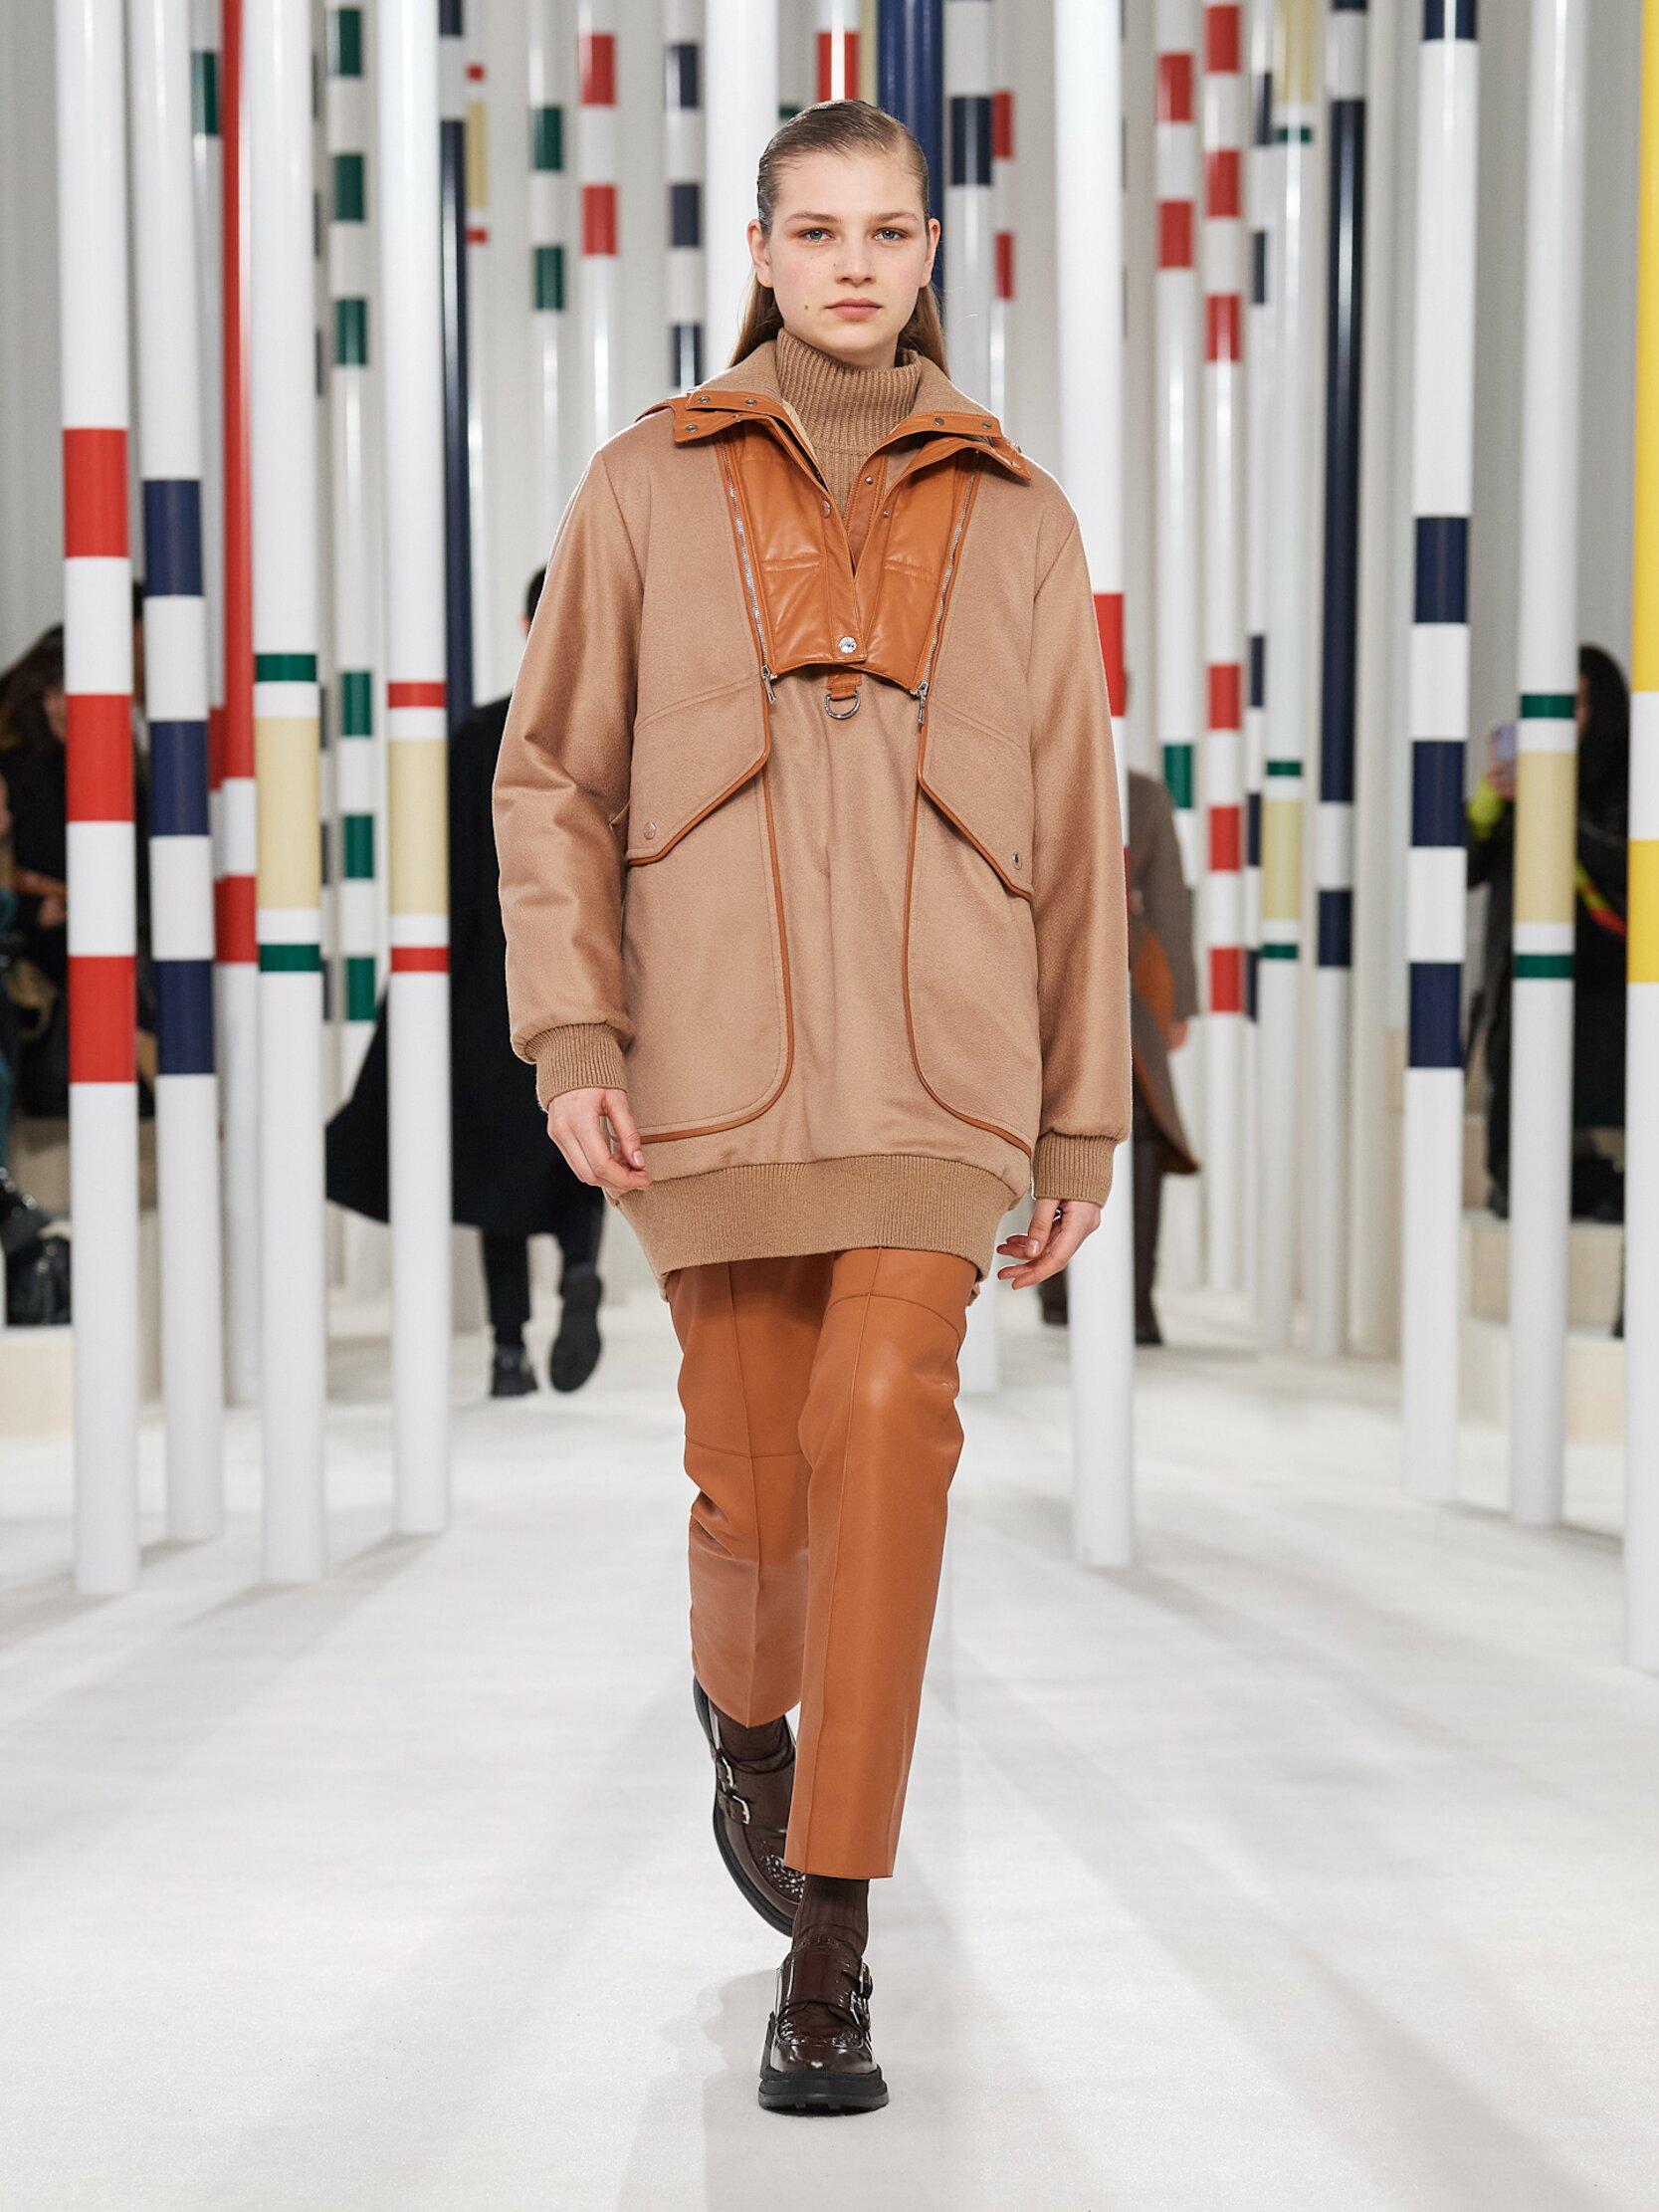 Catwalk Hermès Woman Fashion Show Winter 2020